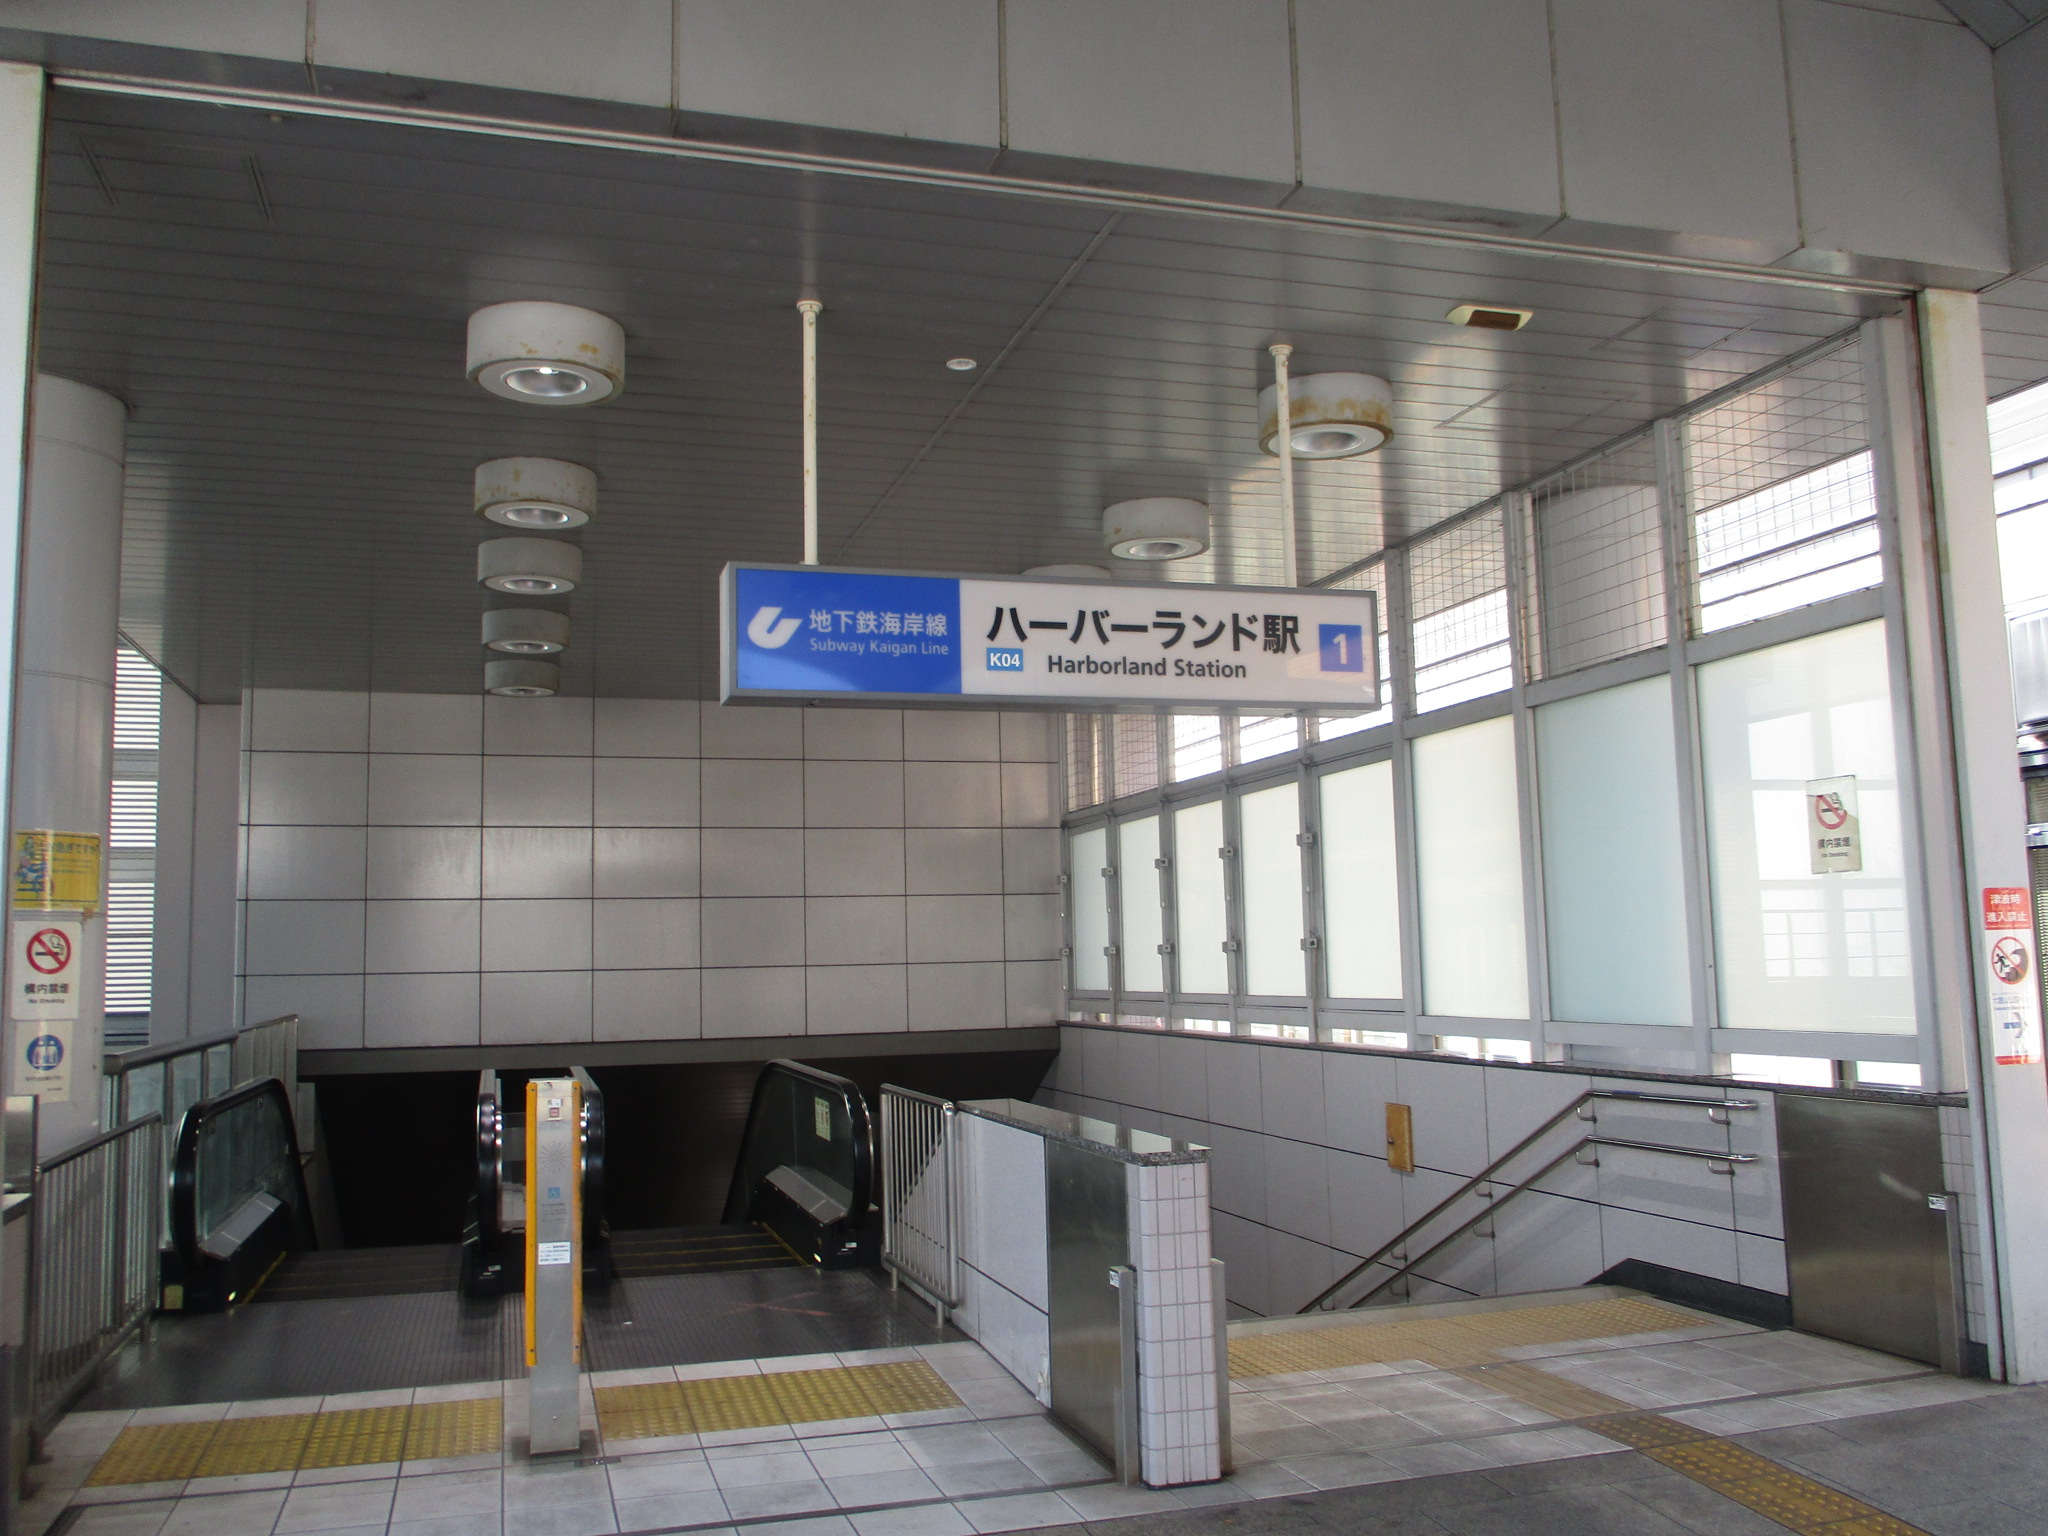 海岸線 地下鉄 神戸 市営